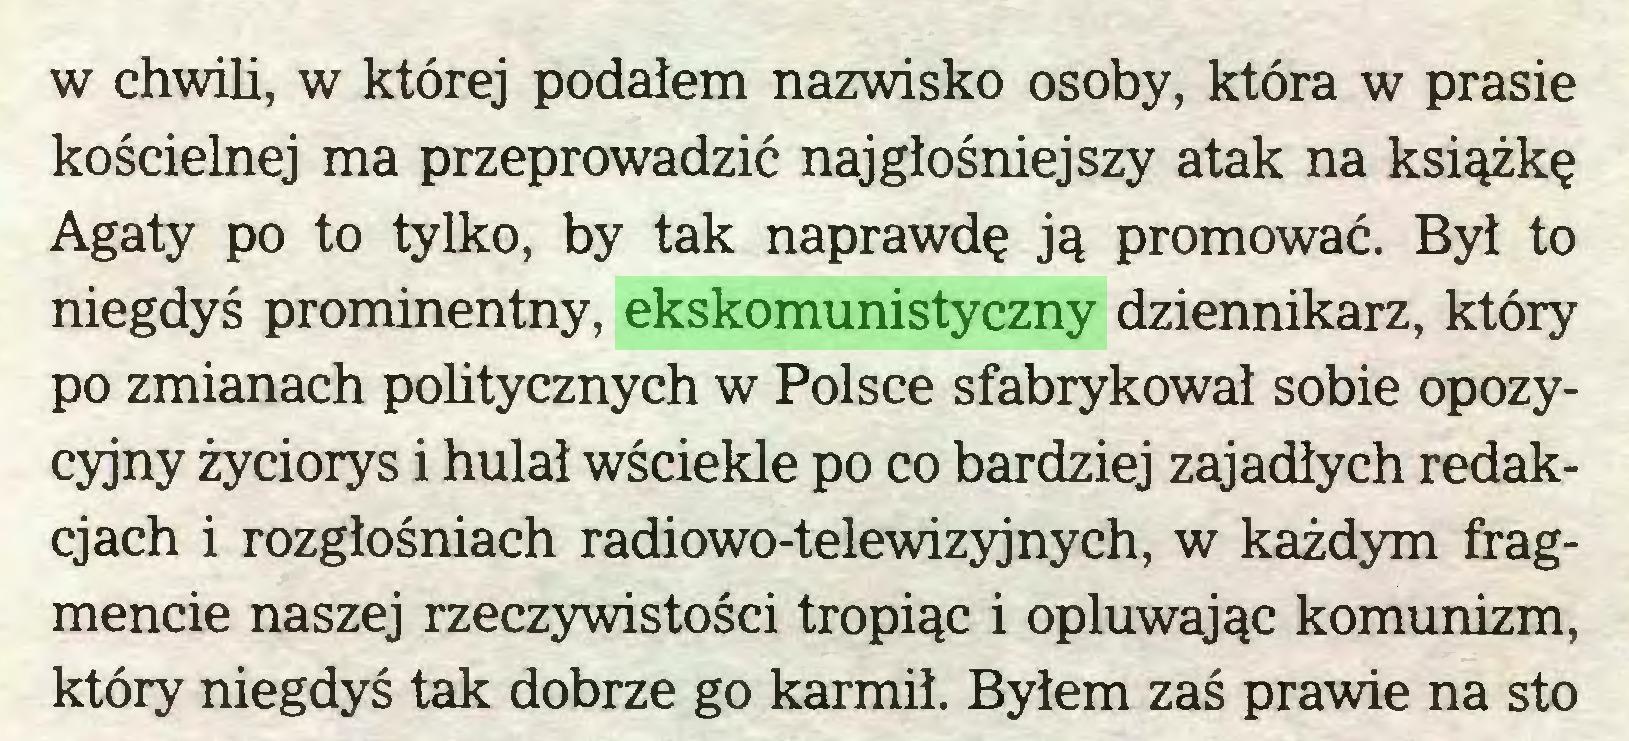 (...) w chwili, w której podałem nazwisko osoby, która w prasie kościelnej ma przeprowadzić najgłośniejszy atak na książkę Agaty po to tylko, by tak naprawdę ją promować. Byl to niegdyś prominentny, ekskomunistyczny dziennikarz, który po zmianach politycznych w Polsce sfabrykował sobie opozycyjny życiorys i hulał wściekle po co bardziej zajadłych redakcjach i rozgłośniach radiowo-telewizyjnych, w każdym fragmencie naszej rzeczywistości tropiąc i opluwając komunizm, który niegdyś tak dobrze go karmił. Byłem zaś prawie na sto...